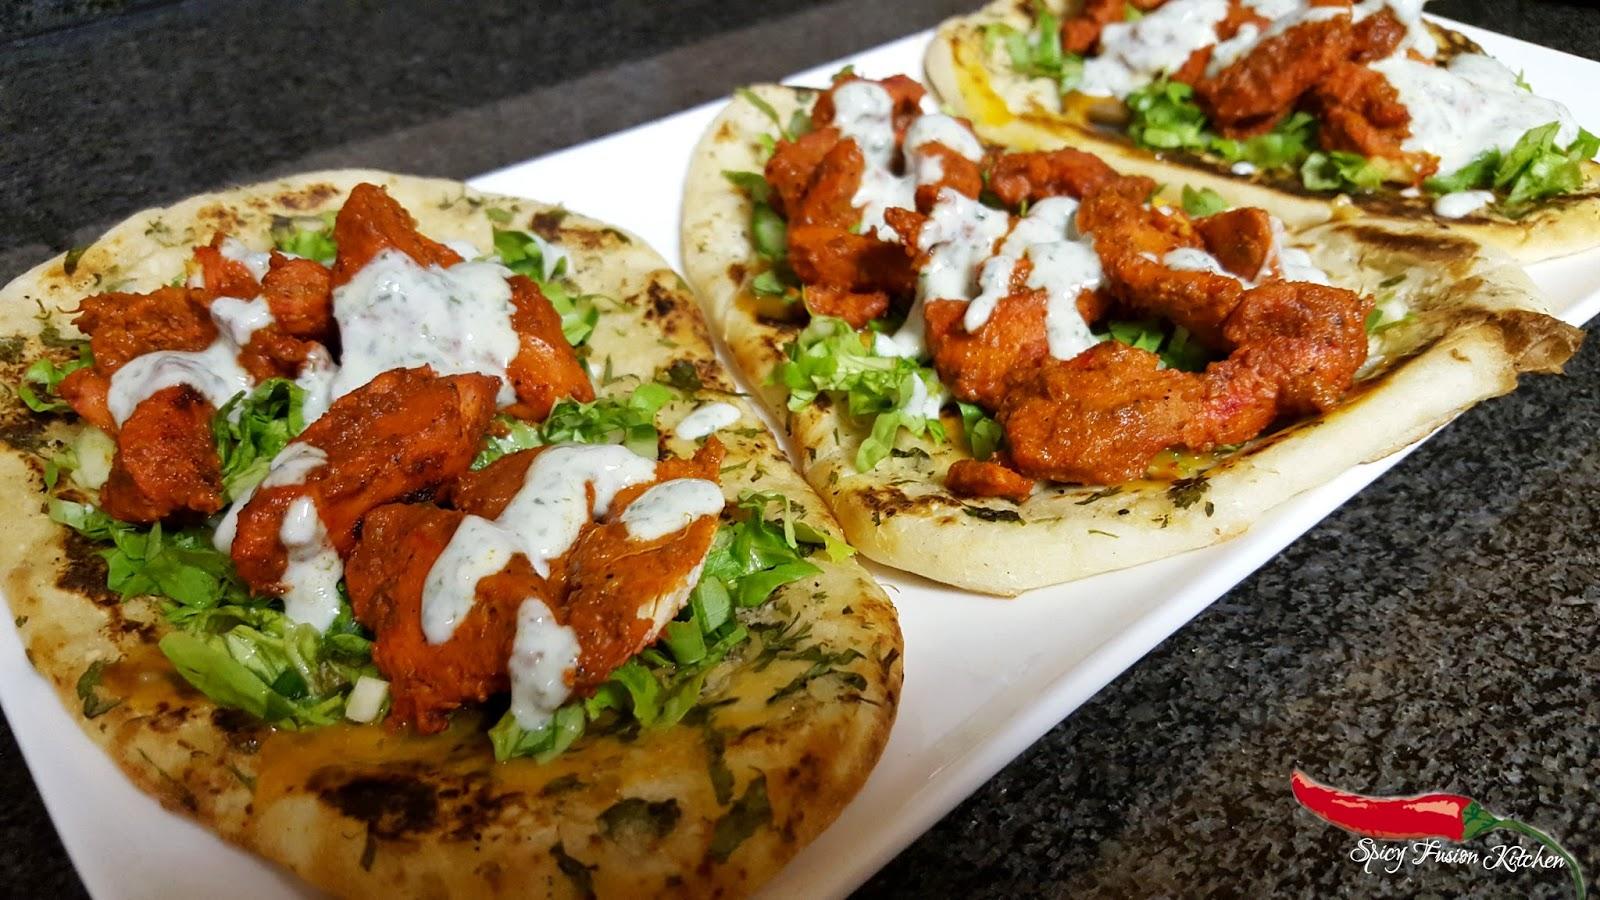 Fatima S Kitchen Food Blog